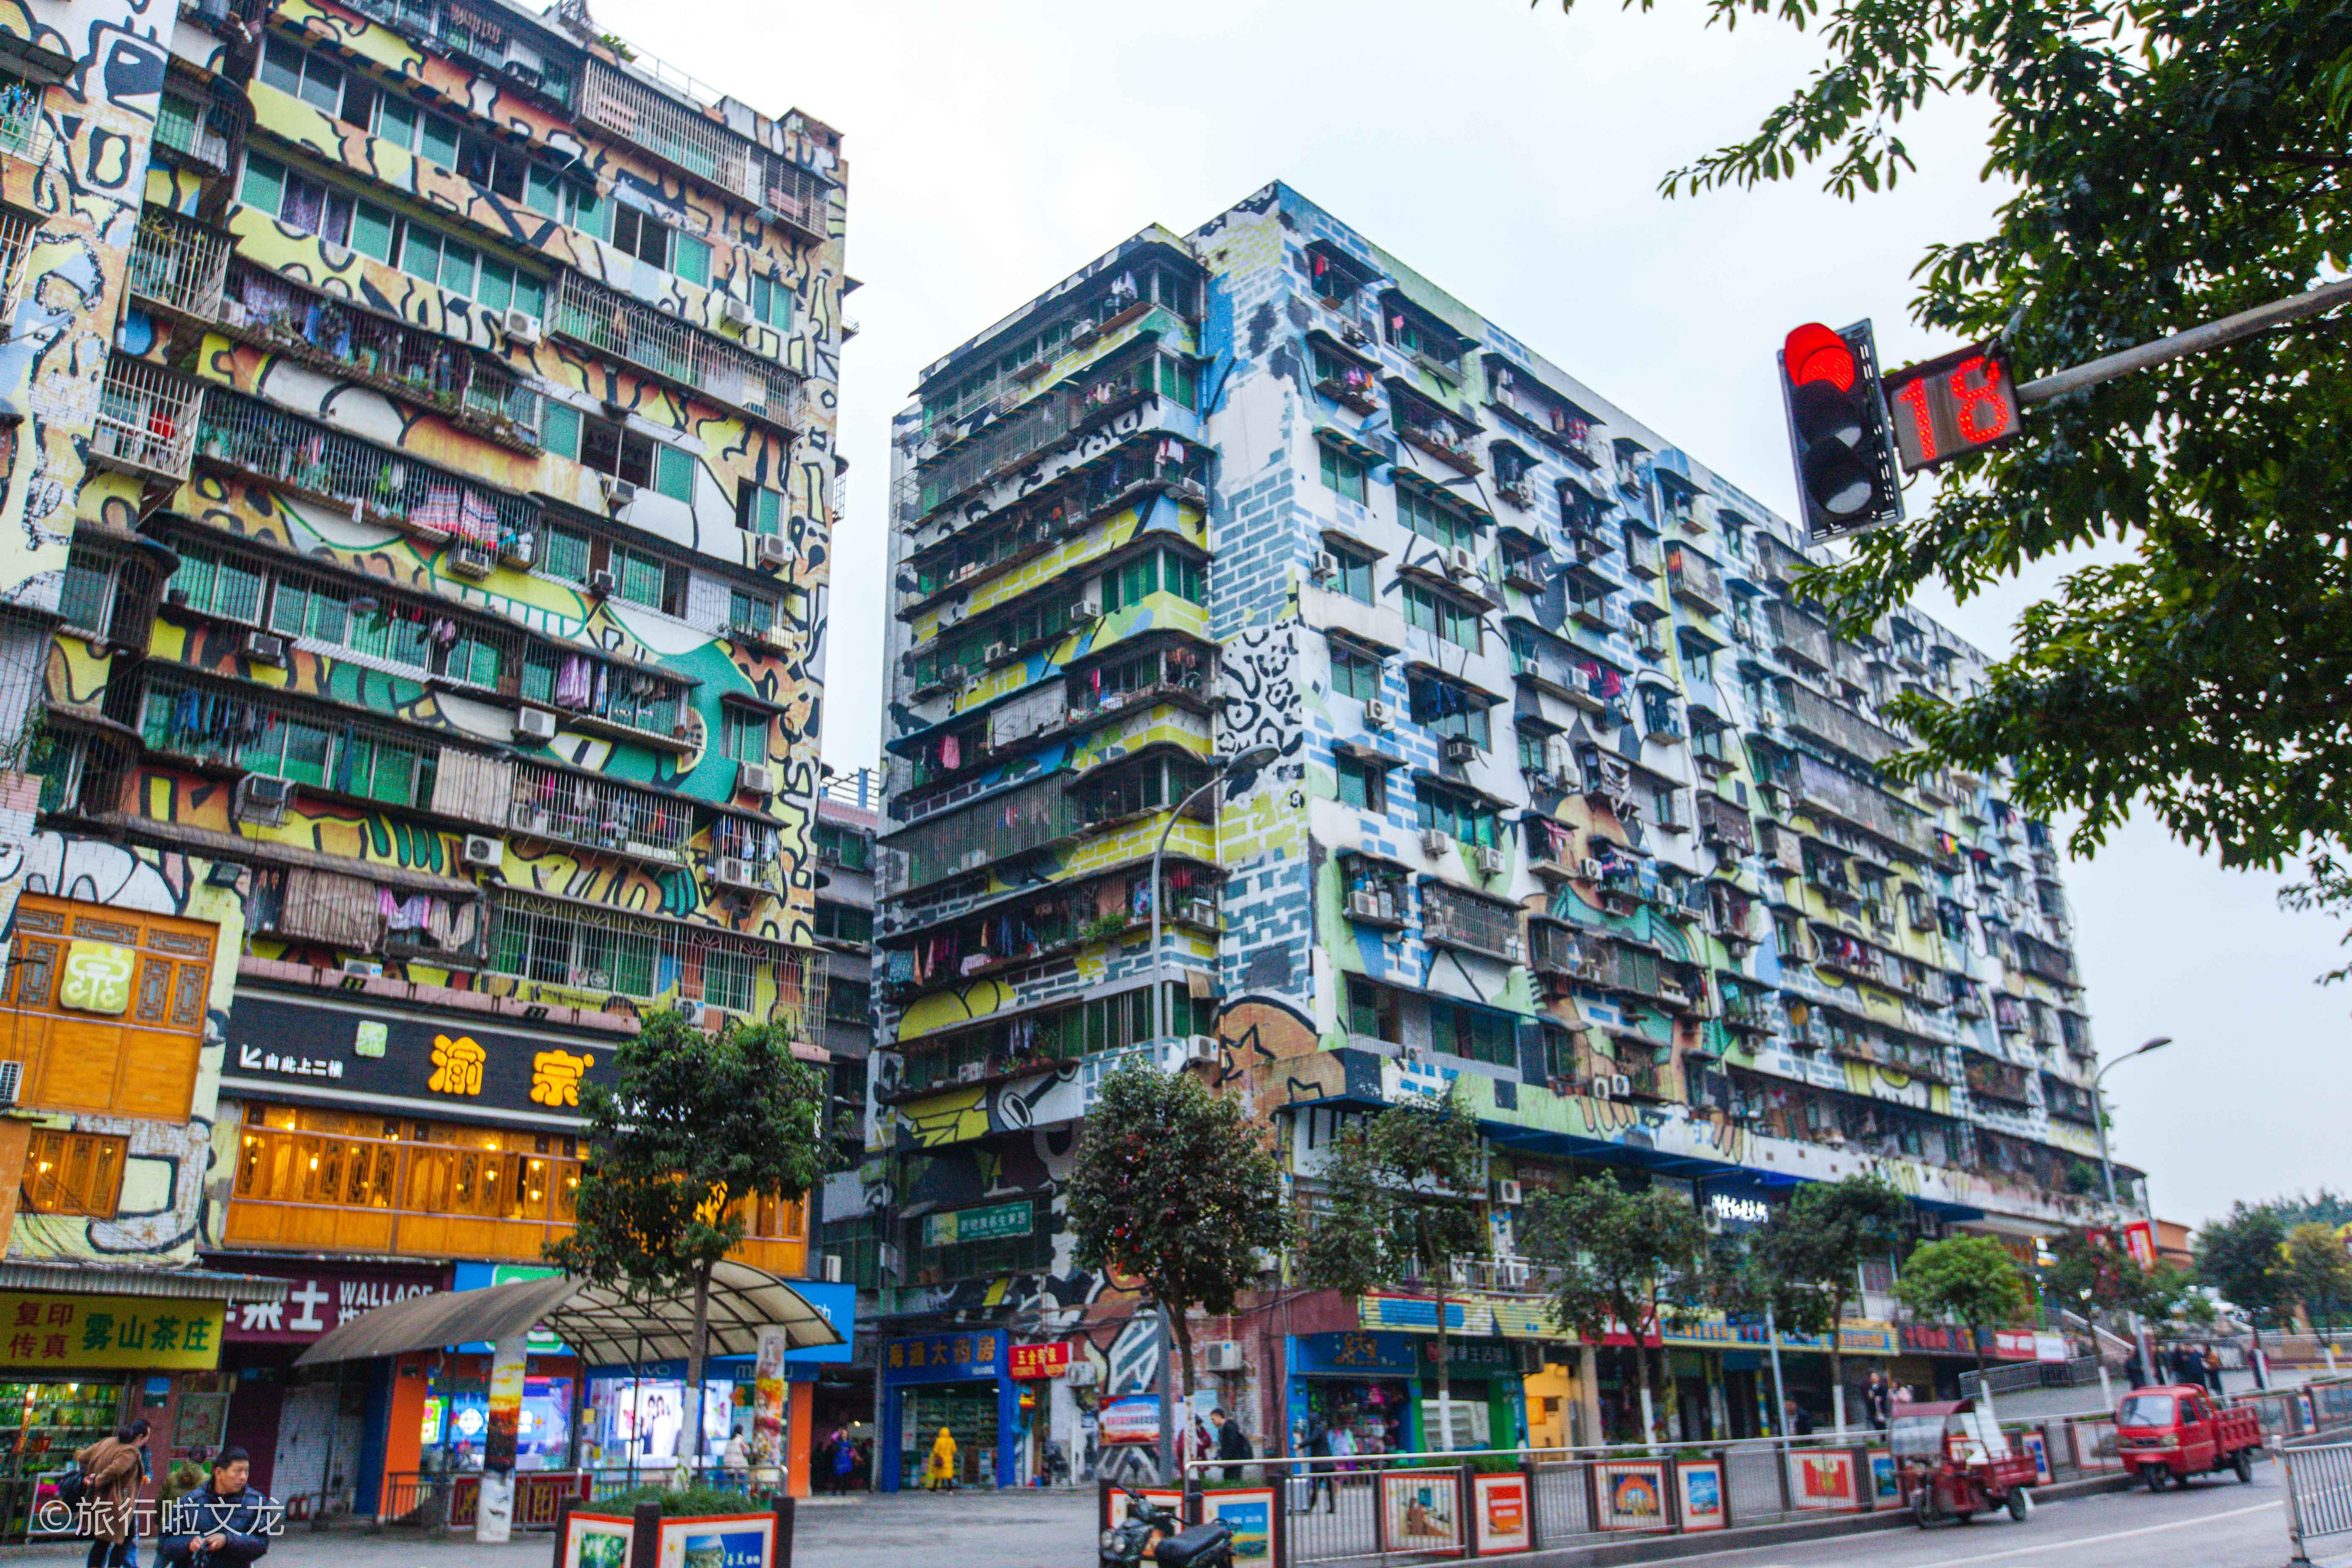 重庆有世界最长的为重街,美景美女美街美食涂鸦庆四大特产美食各省图片